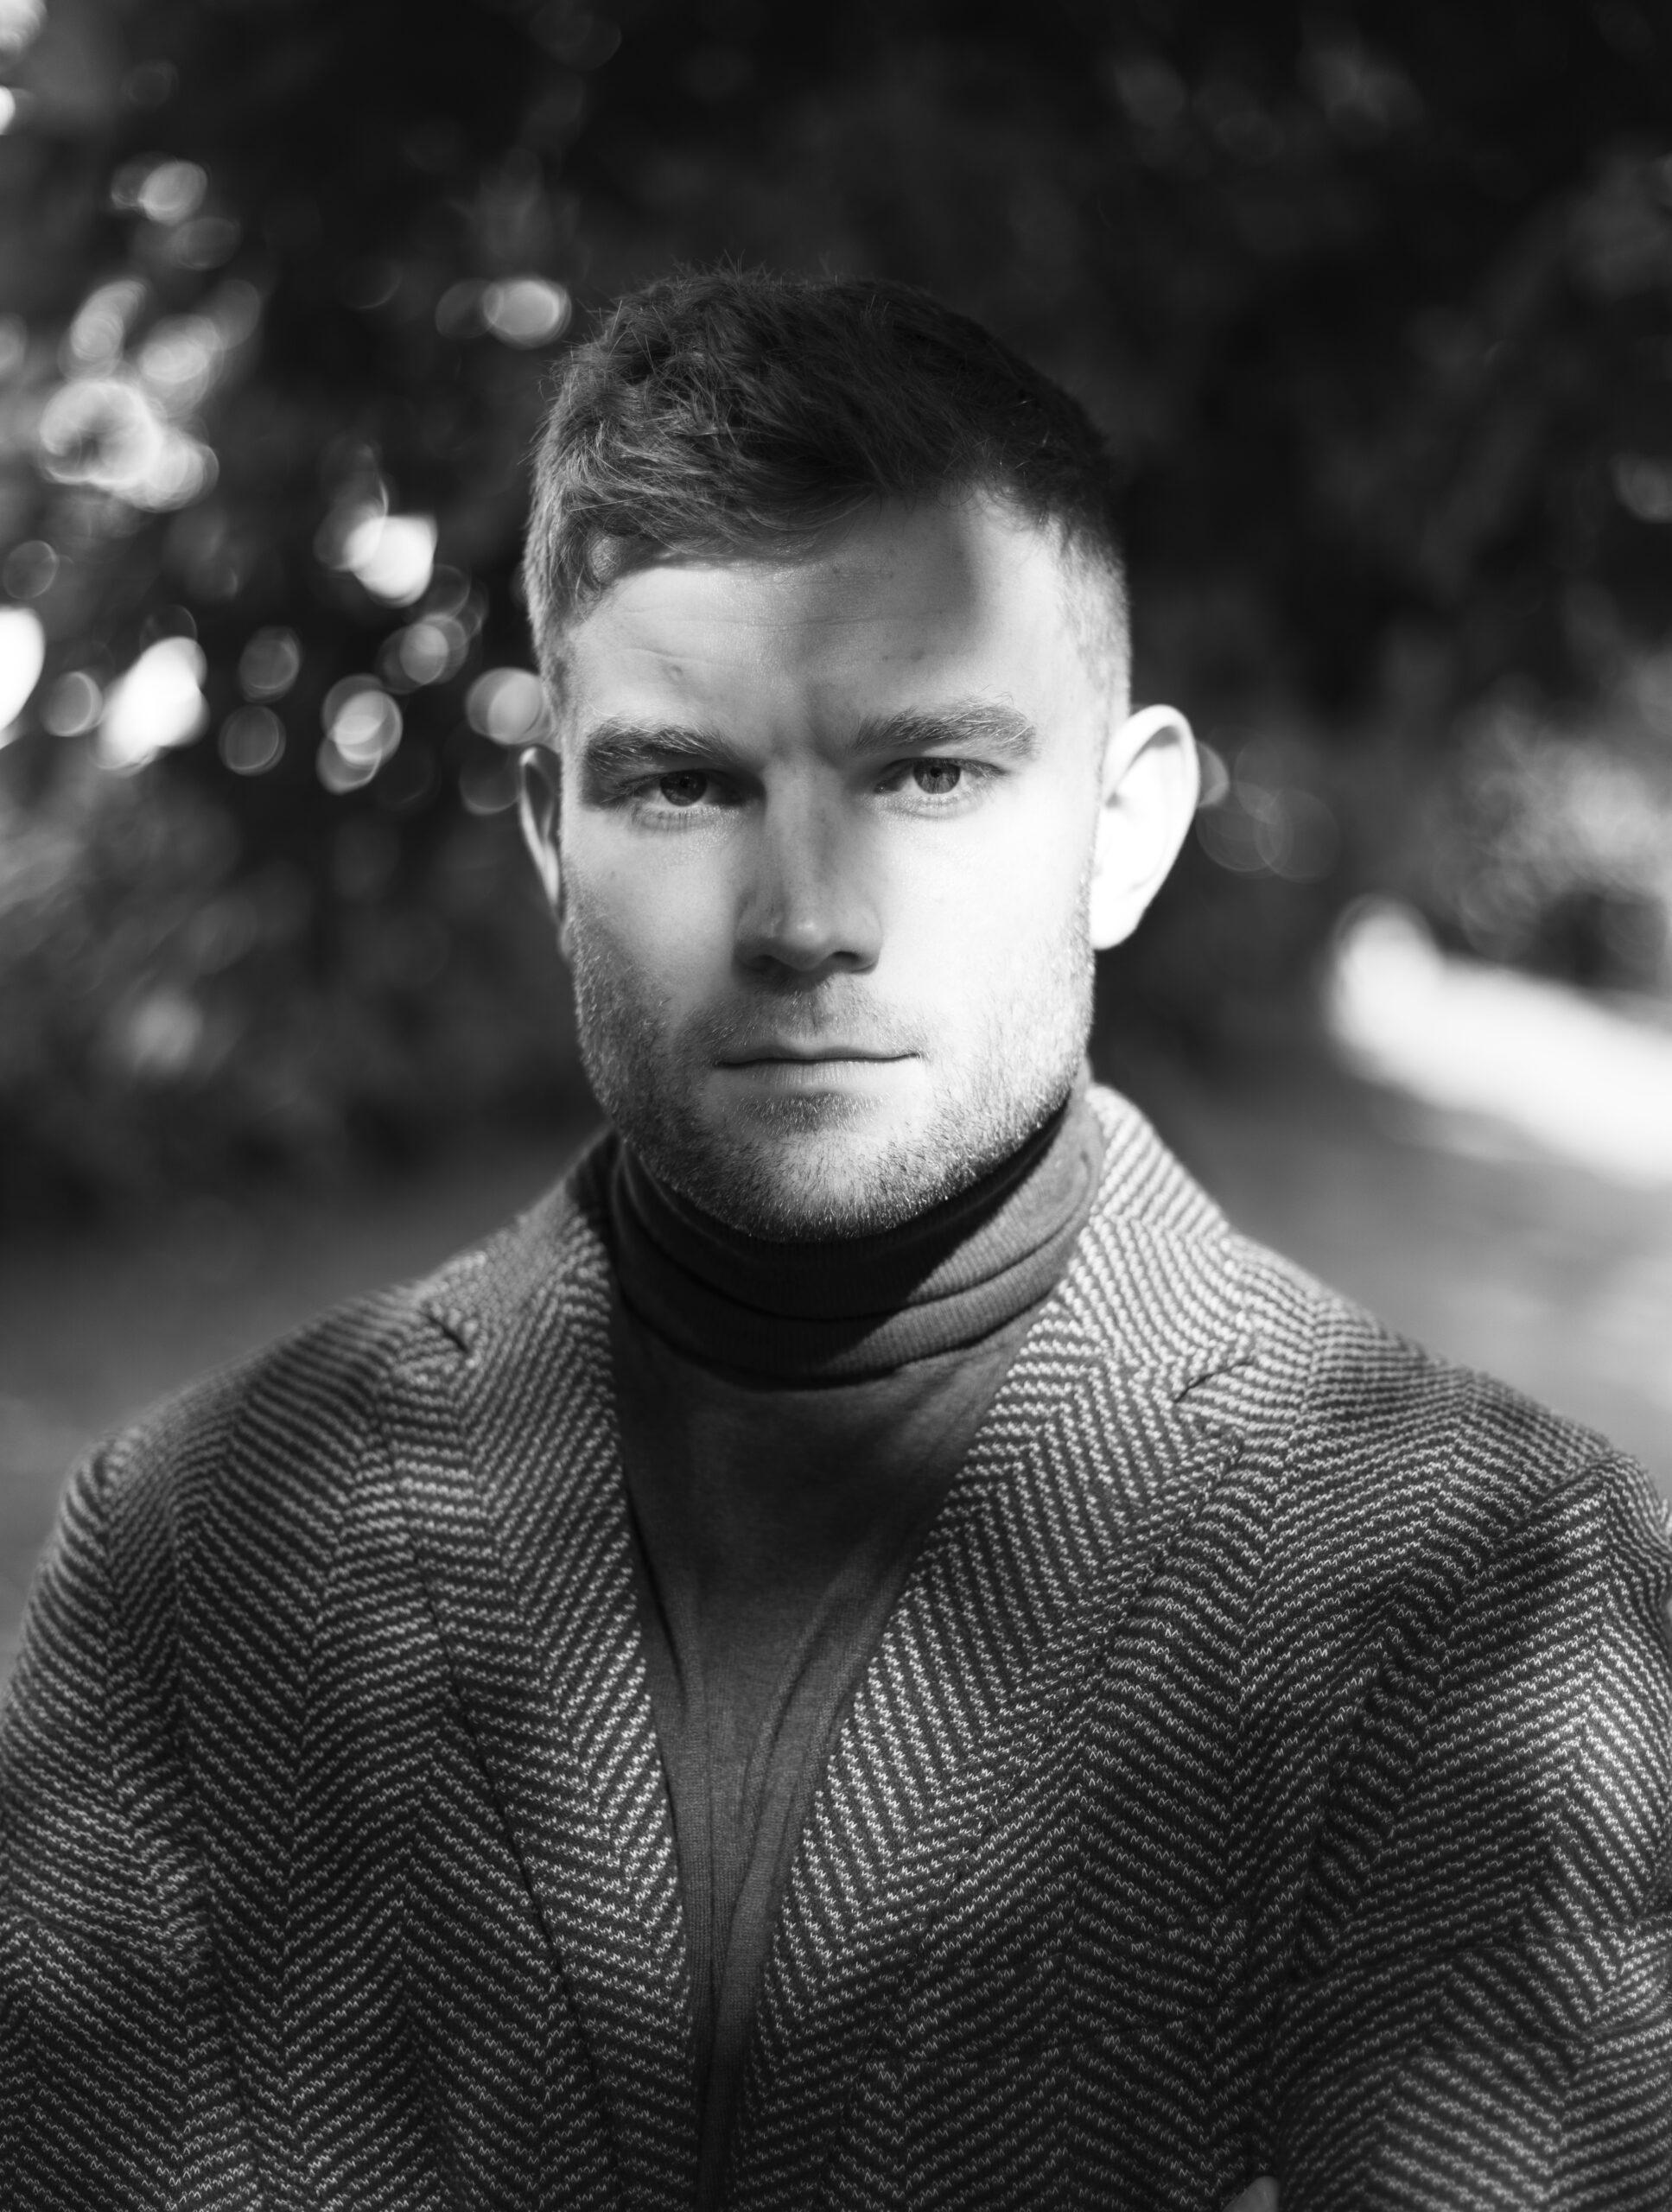 Male model wearing a jacket outside